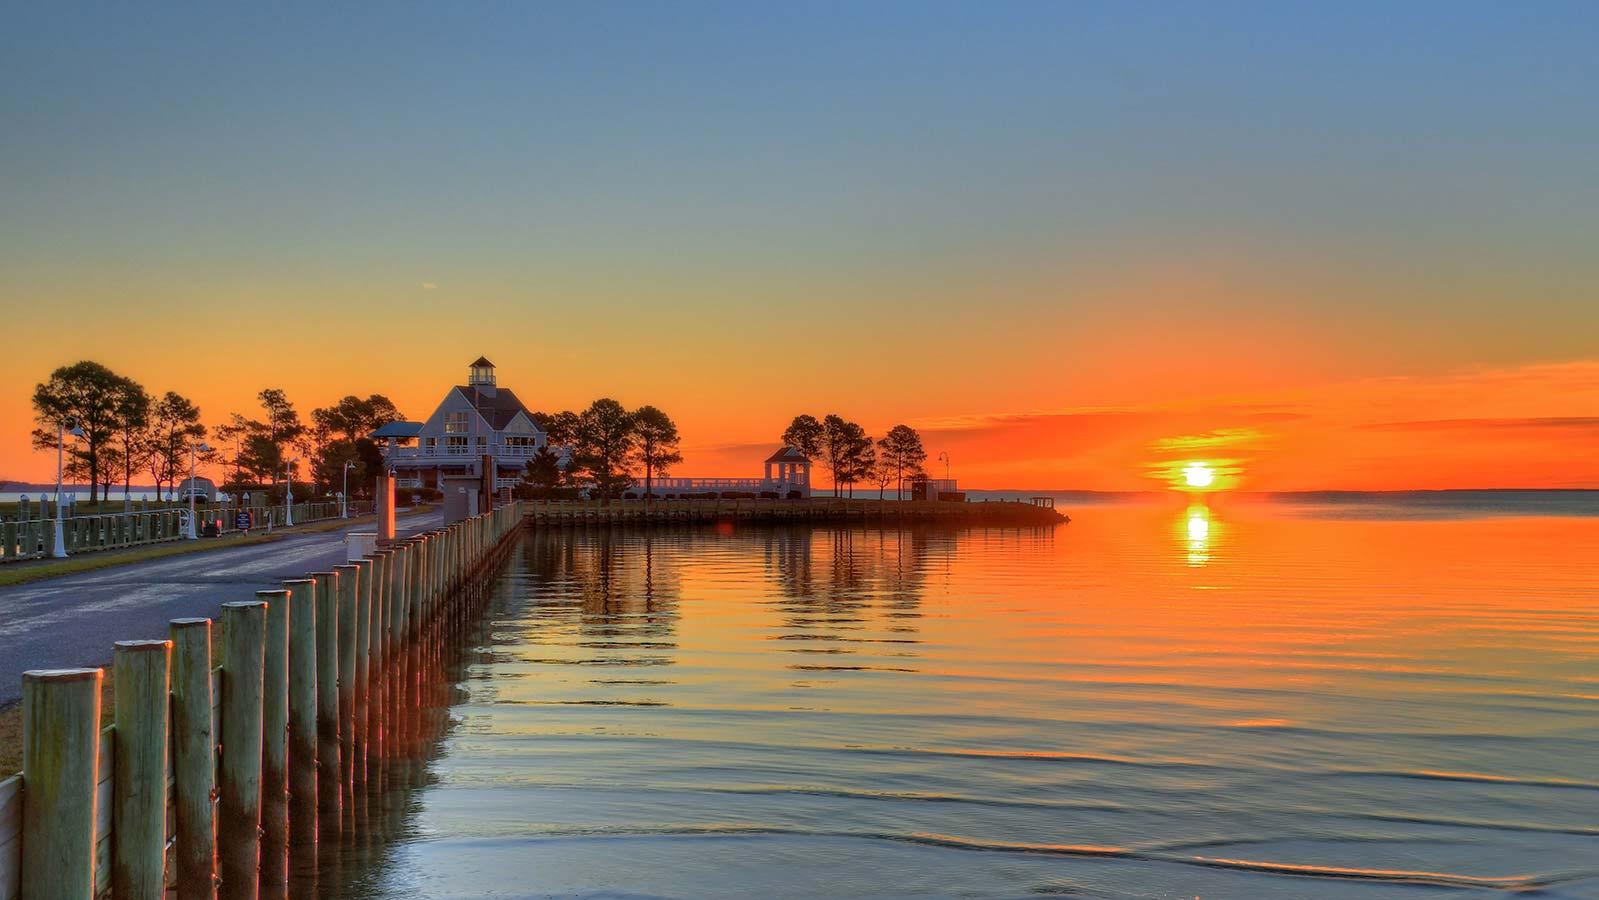 Chesapeake Bay Marina View Over The Sunset